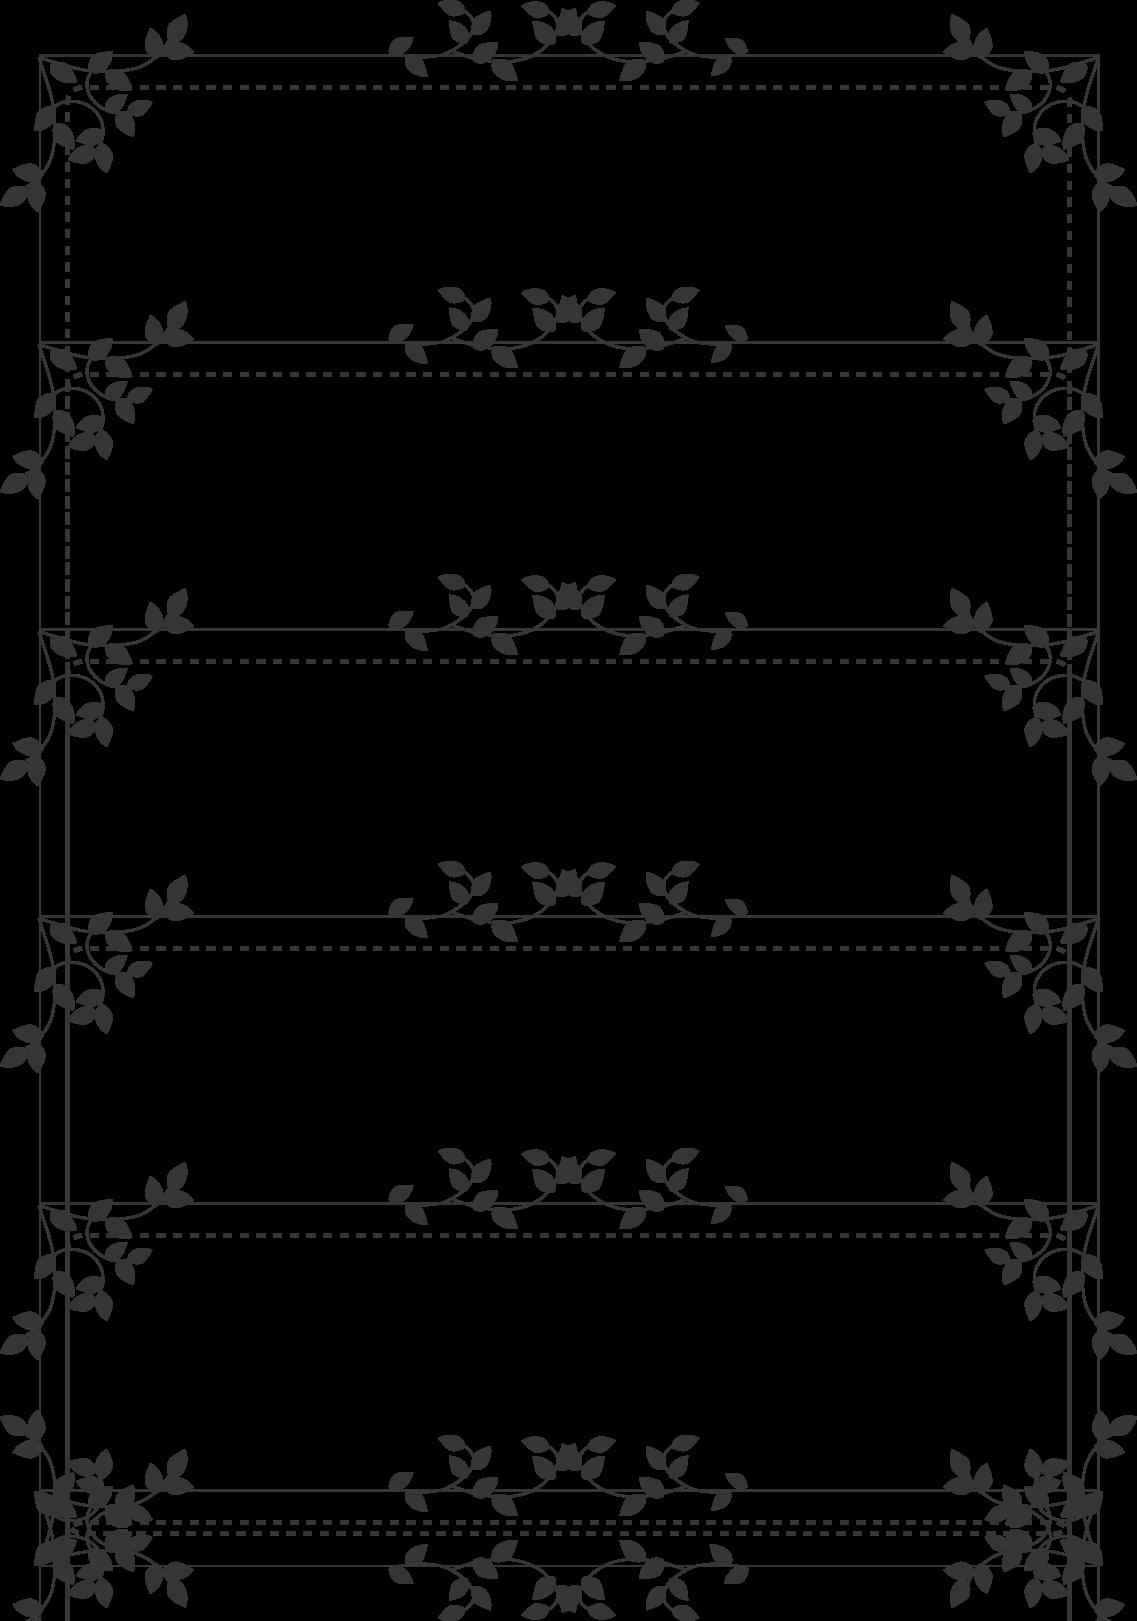 枠・飾り枠フレーム(葉デザイン)無料イラスト素材